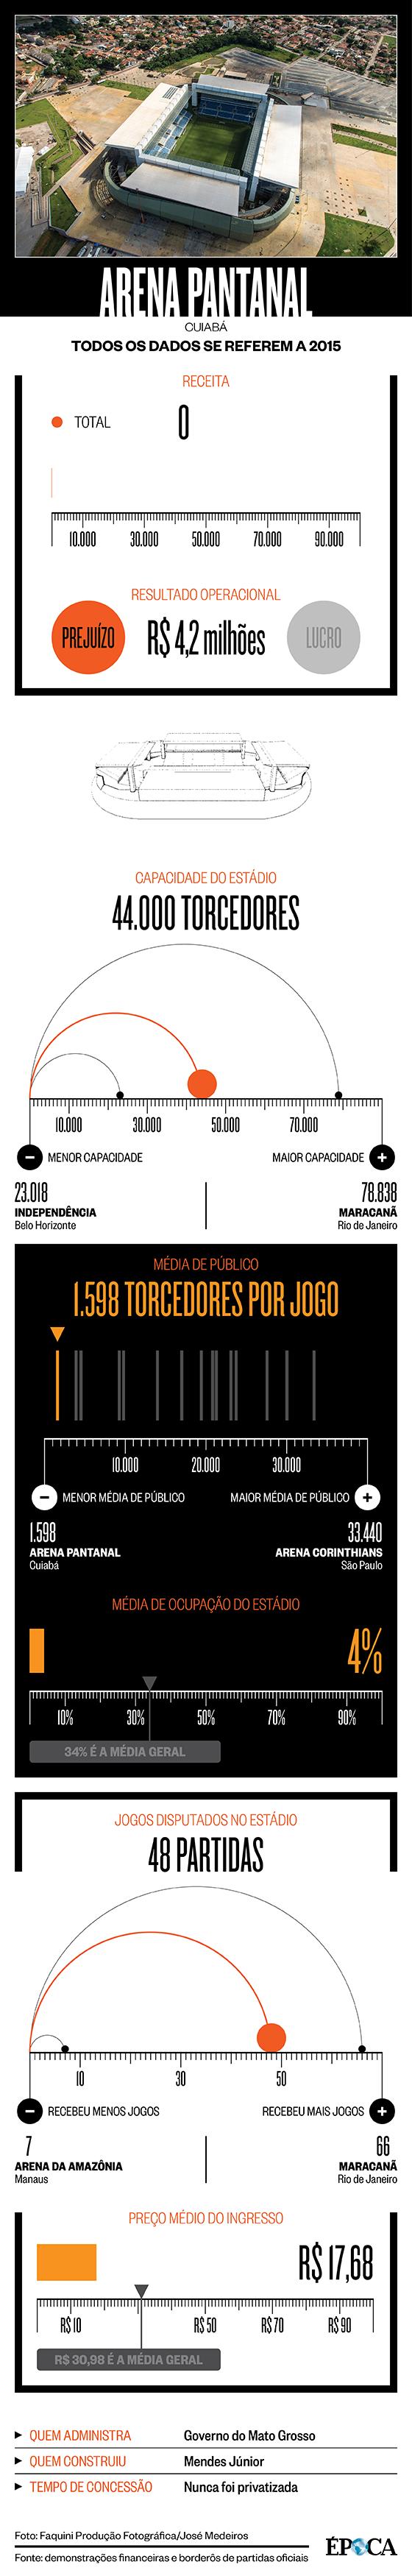 Infográfico da Arena Pantanal (Foto: Arte ÉPOCA)